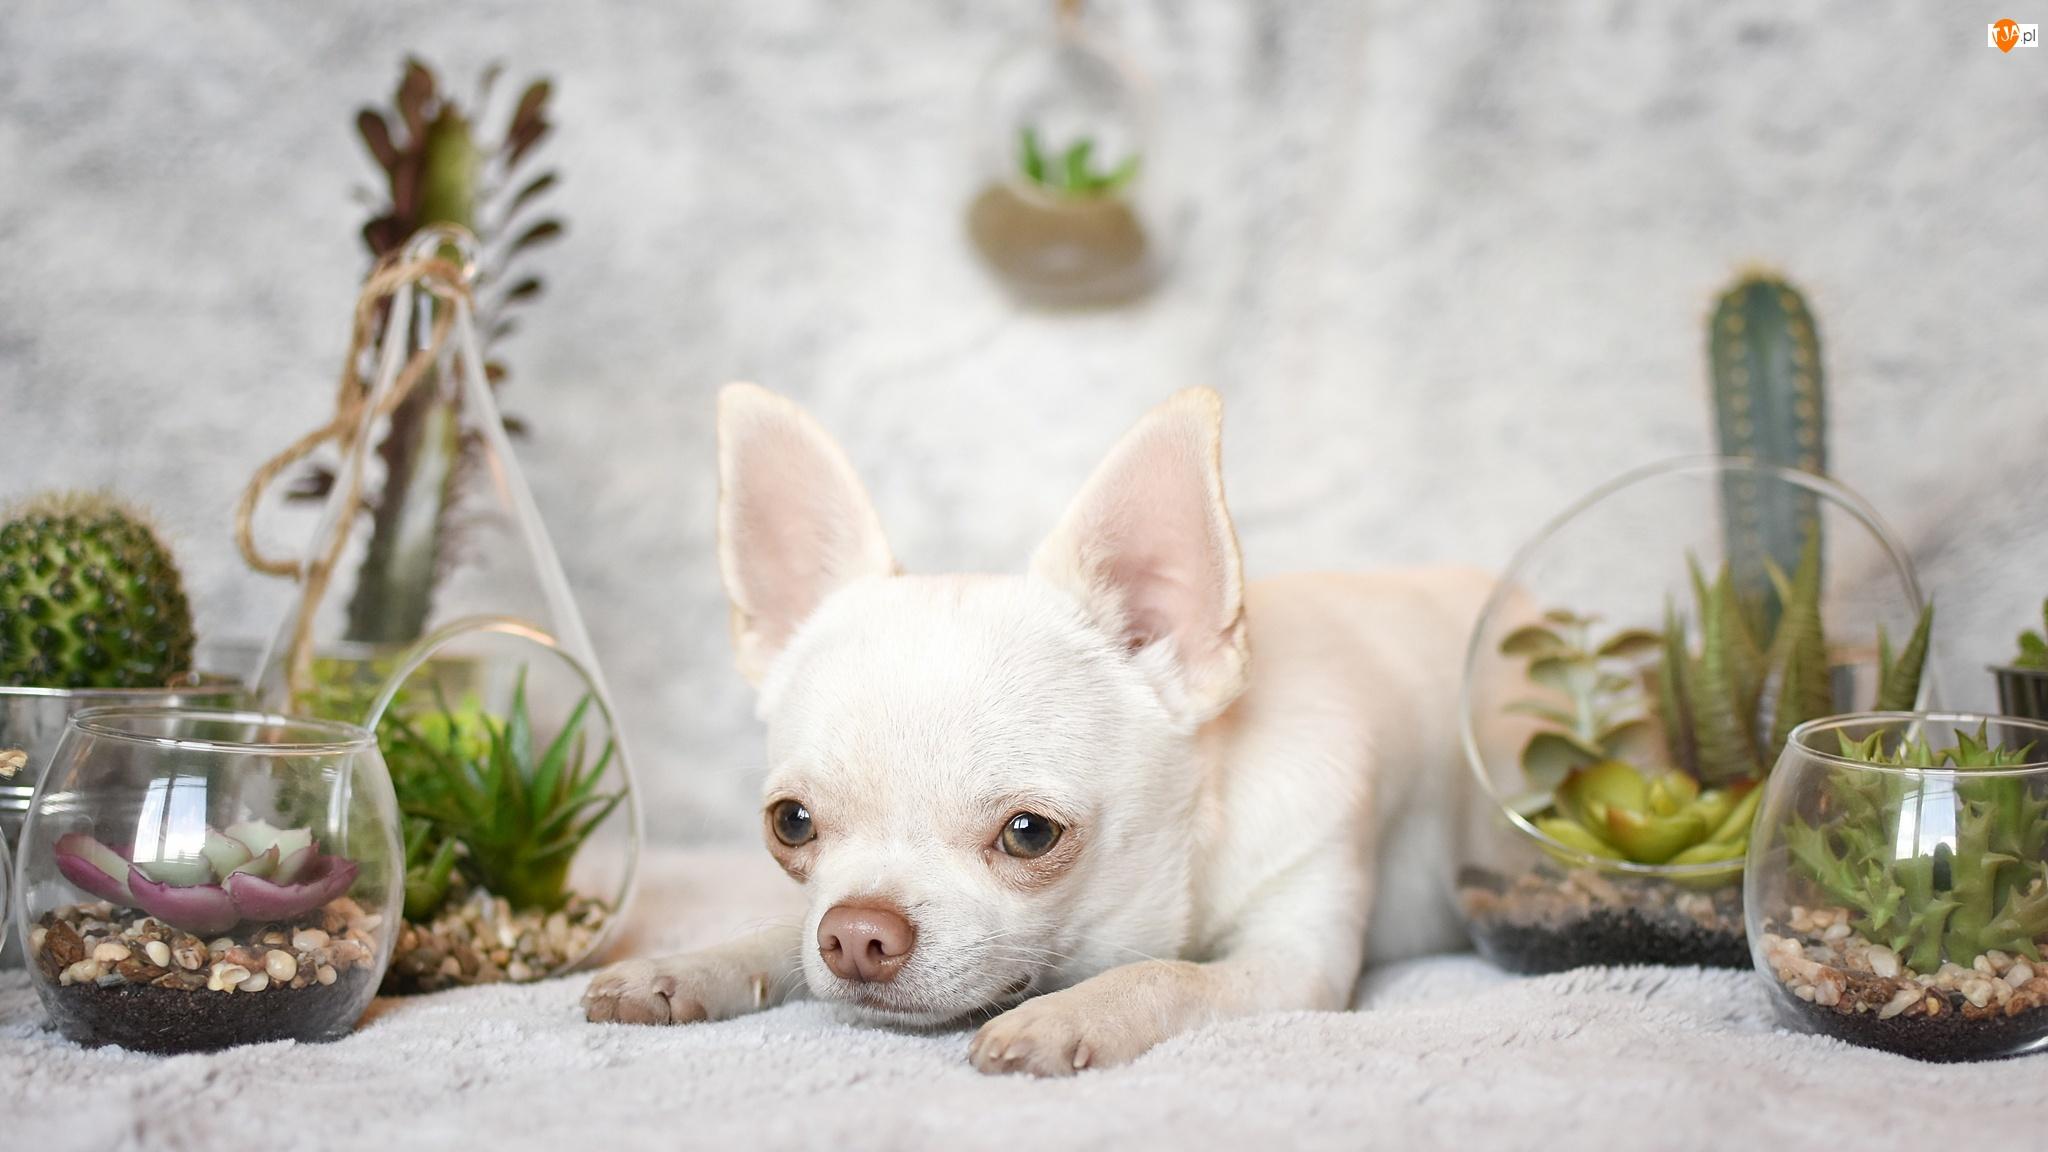 Rośliny, Pies, Chihuahua krótkowłosa, Dekoracje